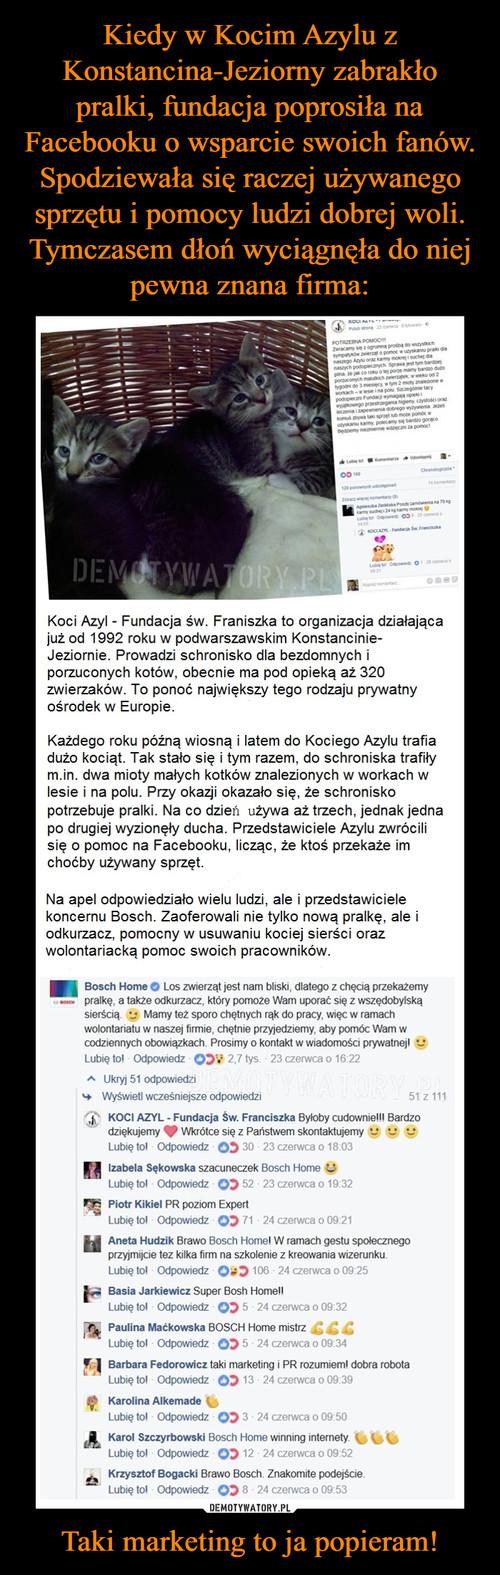 Kiedy w Kocim Azylu z Konstancina-Jeziorny zabrakło pralki, fundacja poprosiła na Facebooku o wsparcie swoich fanów. Spodziewała się raczej używanego sprzętu i pomocy ludzi dobrej woli. Tymczasem dłoń wyciągnęła do niej pewna znana firma: Taki marketing to ja popieram!